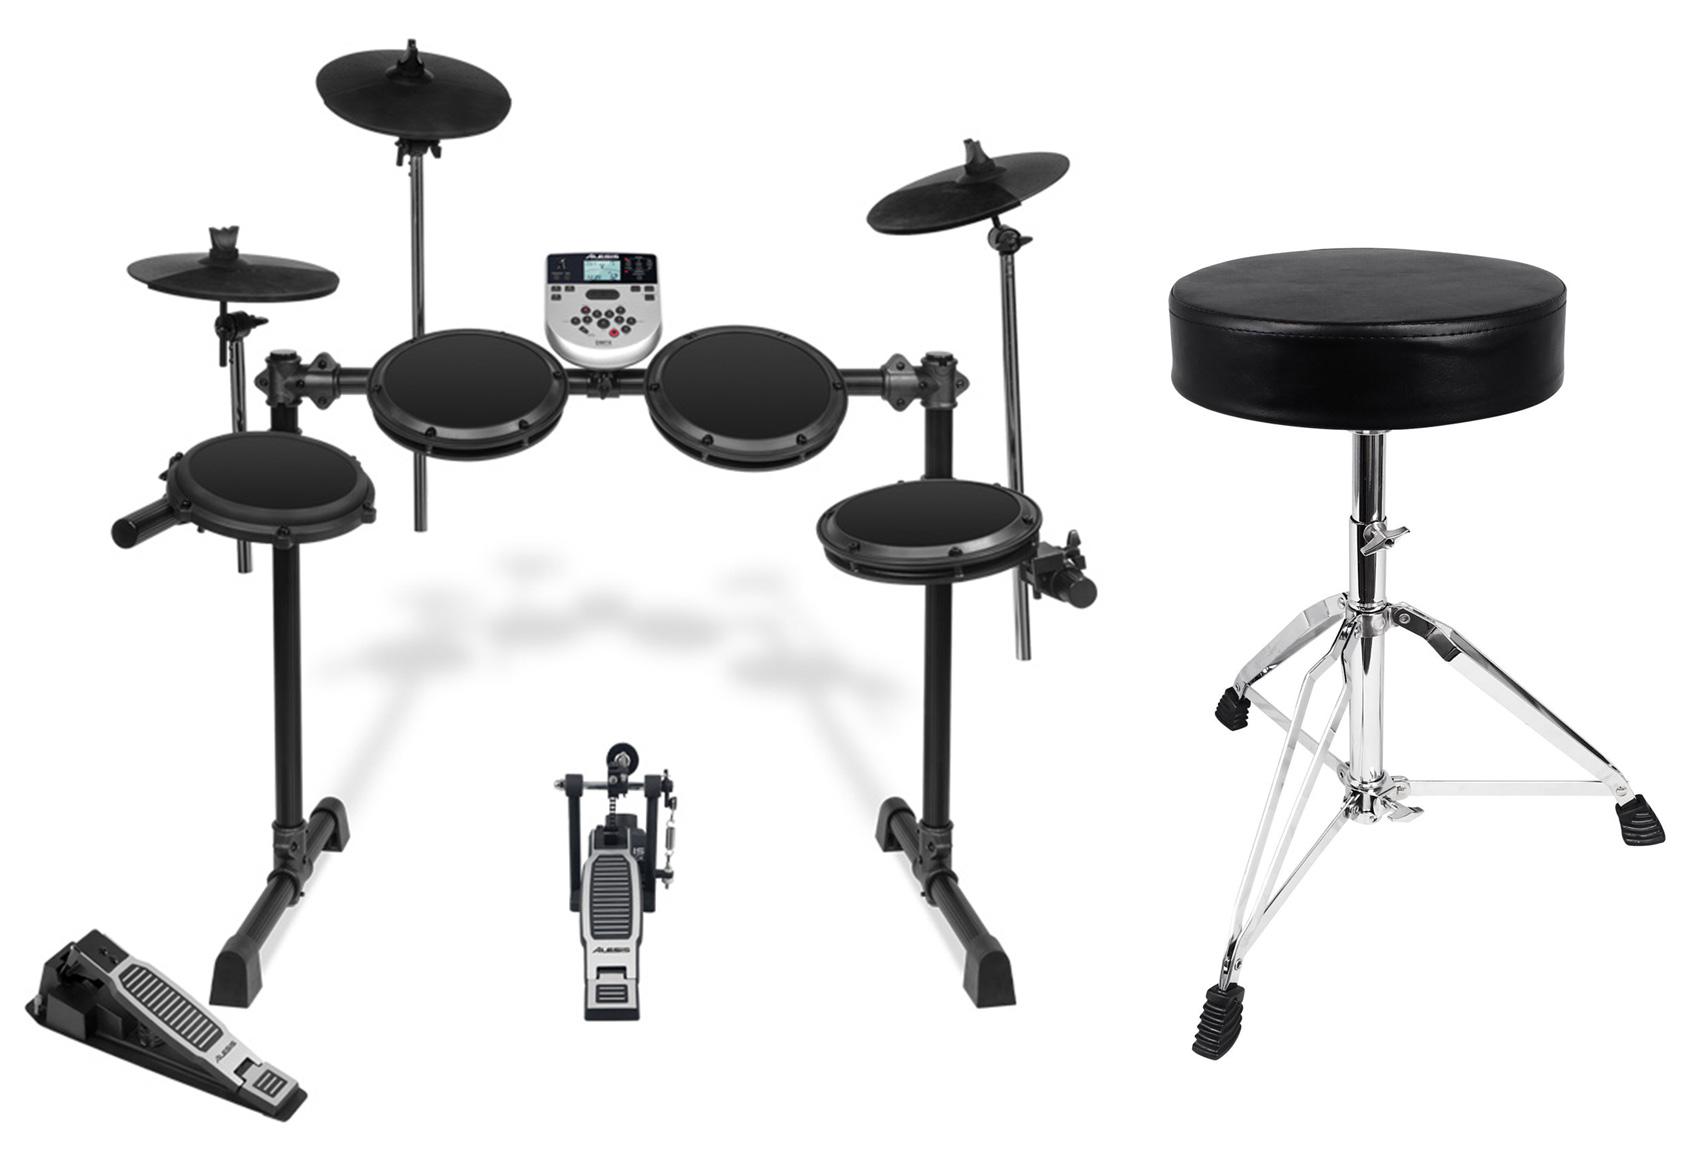 Alesis DM7X Session Kit Advanced Electronic Drum Set+Kick Pedal + Free Throne ! by Alesis